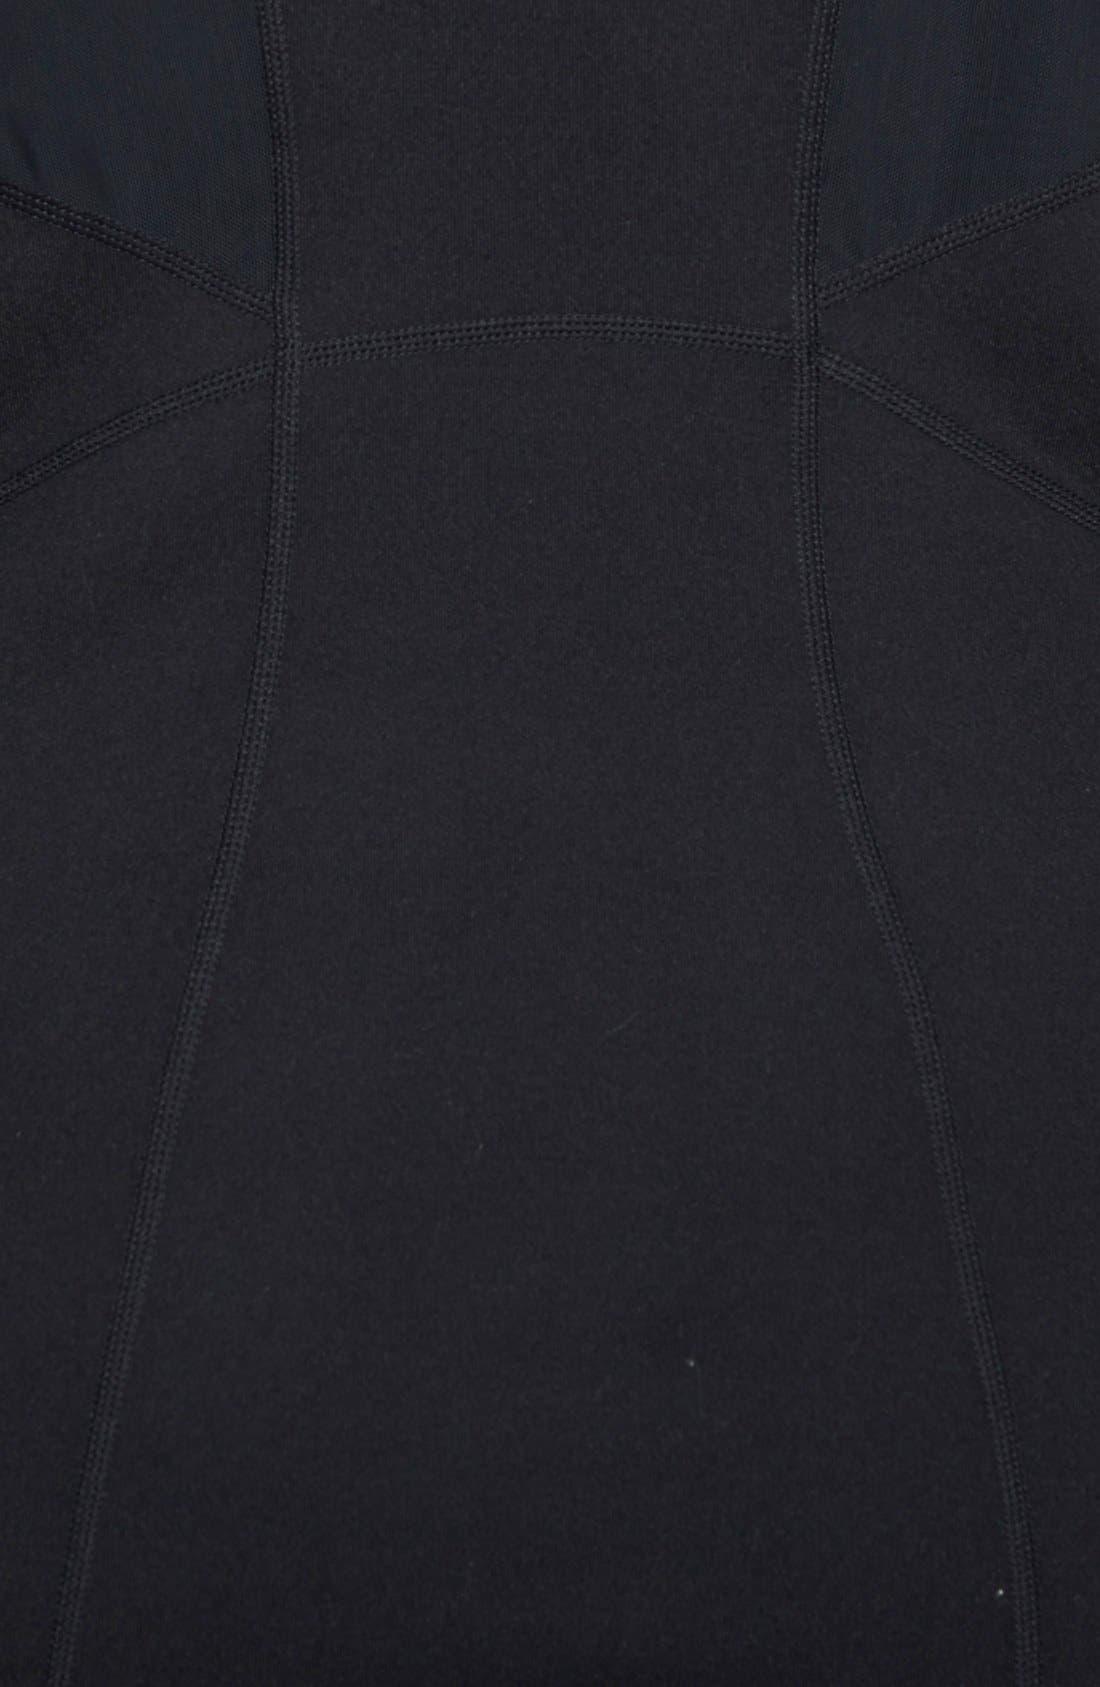 Alternate Image 3  - Zella 'Stamina' Jacket (Plus Size)